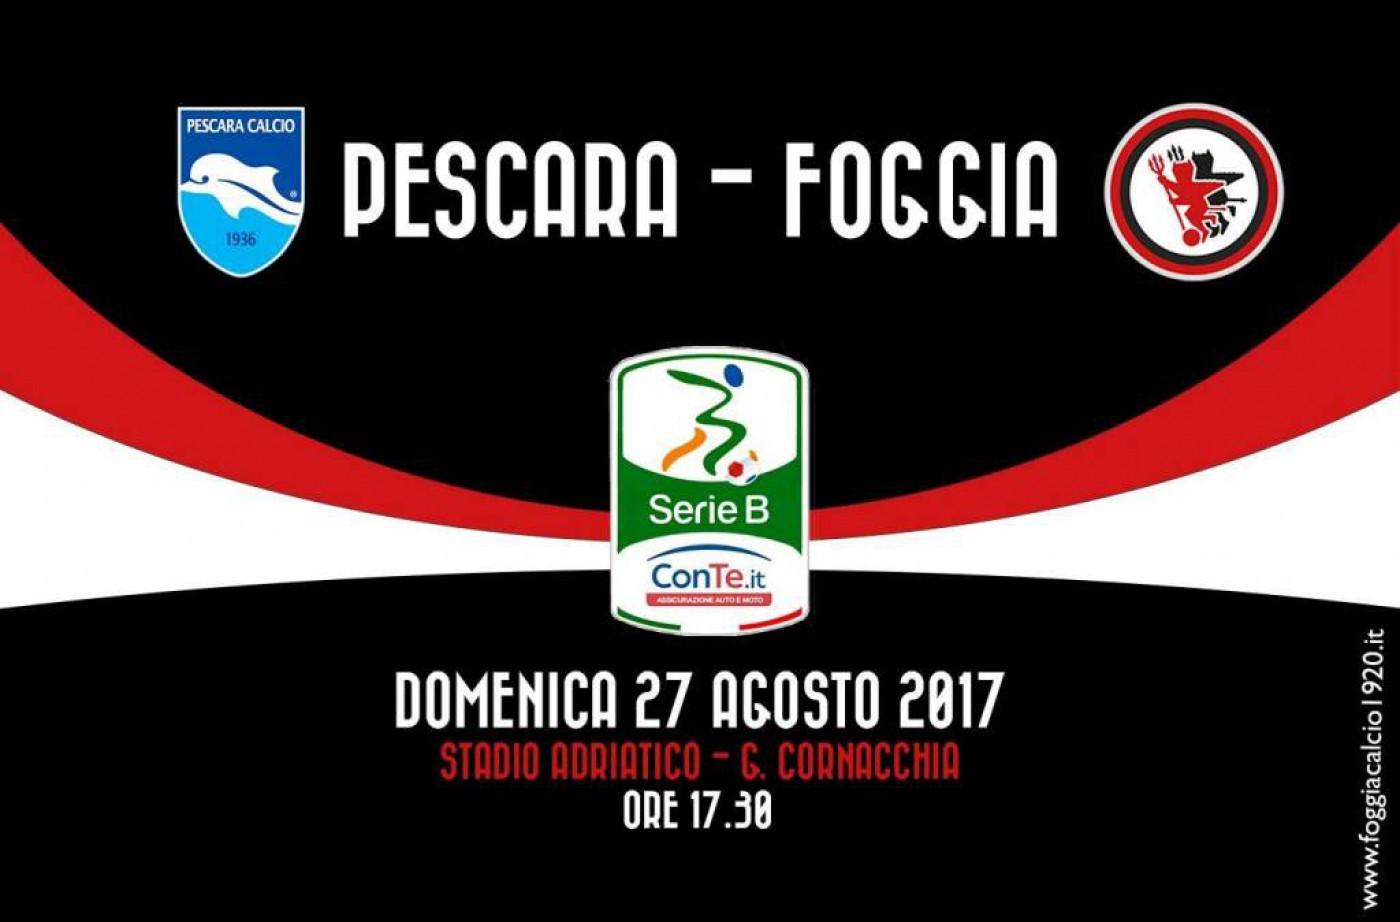 Foggia calcio: informazioni sui biglietti e diretta della partita a Pescara